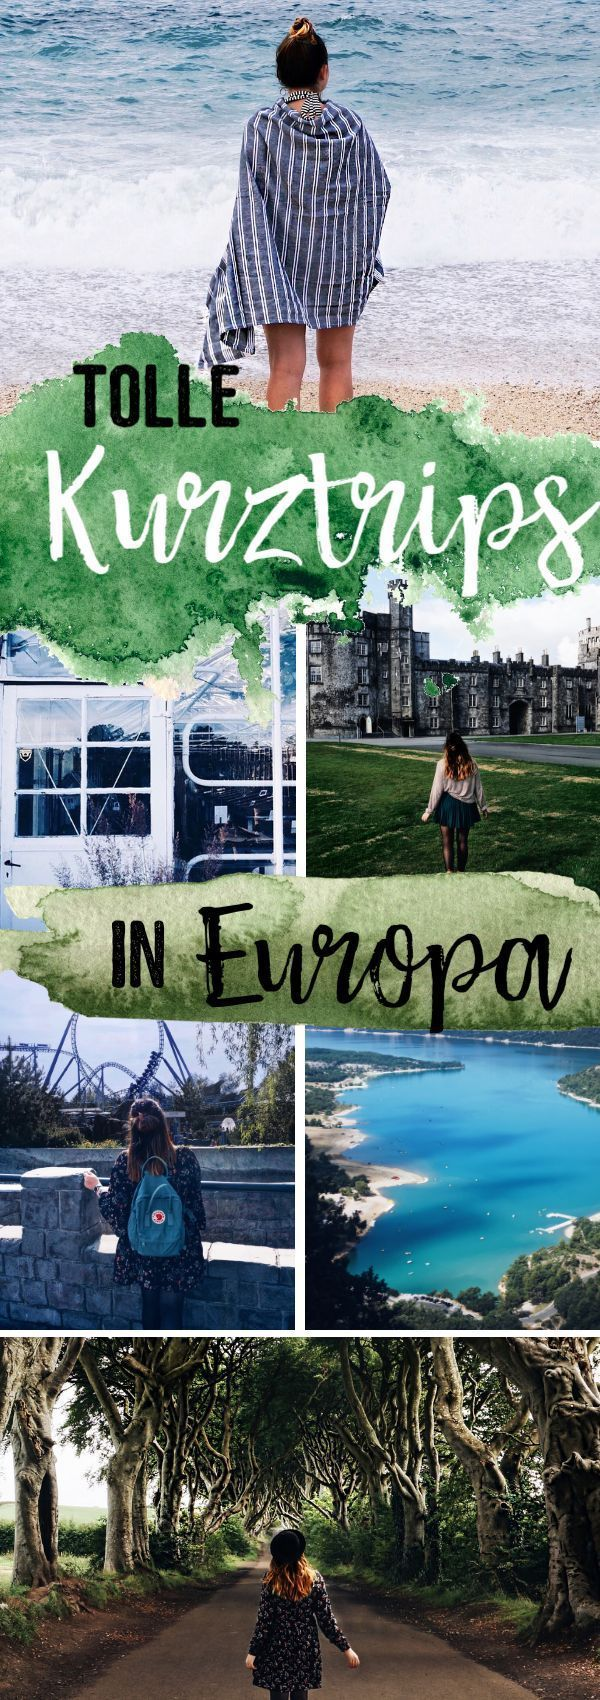 Tolle Kurztrips in Europa | 10 Reiseideen, Besondere Kurztrips für deinen U…